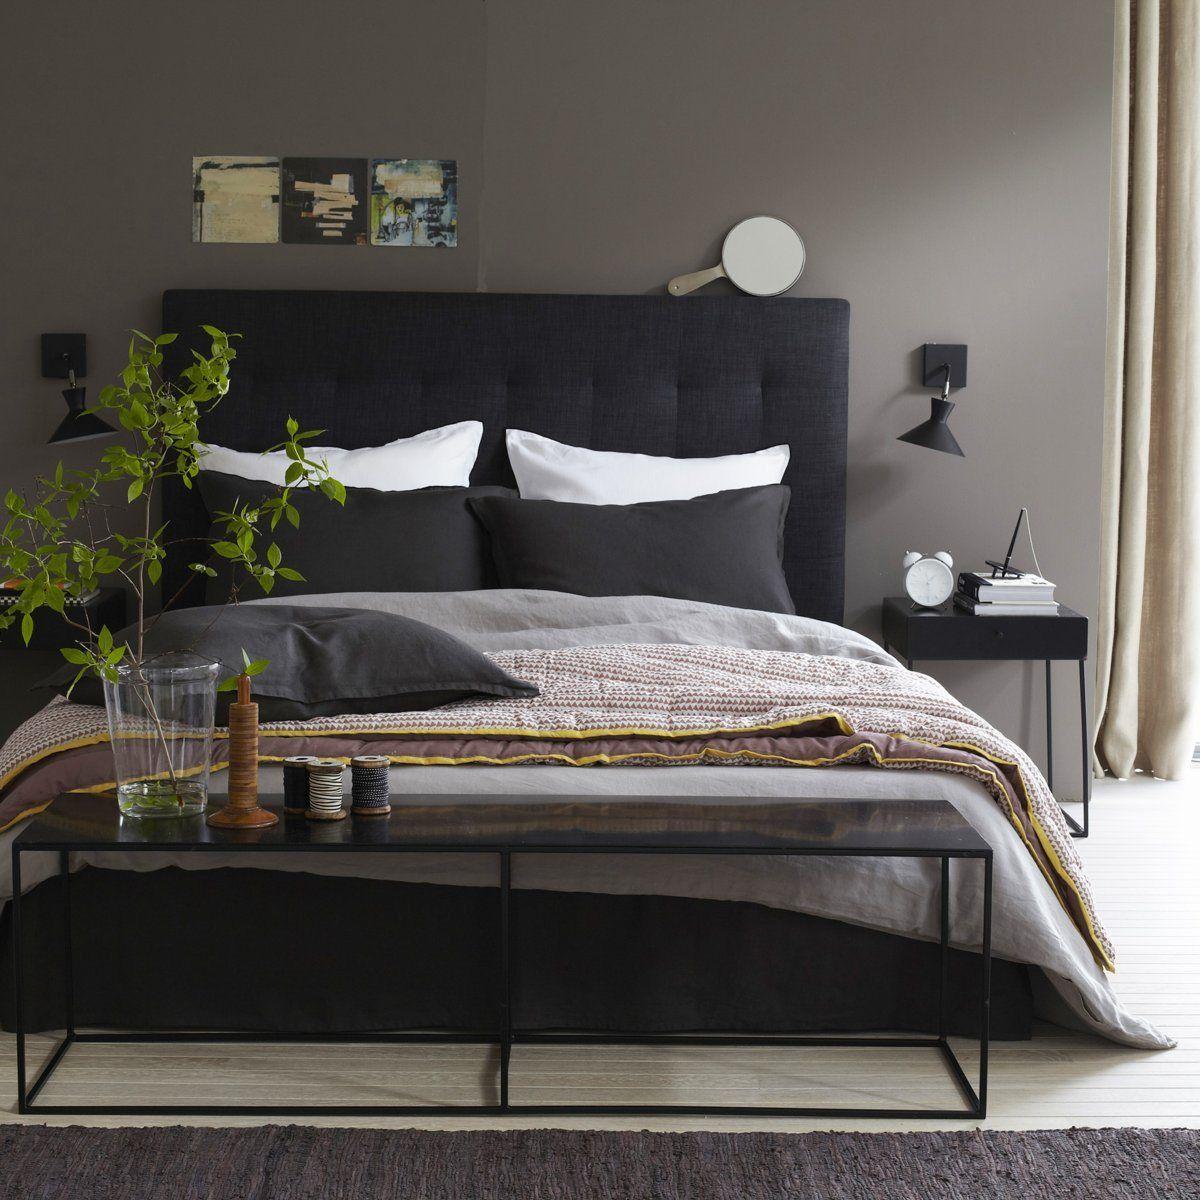 noir, gris, blanc, brun | Chambre | Pinterest | Bedrooms ...